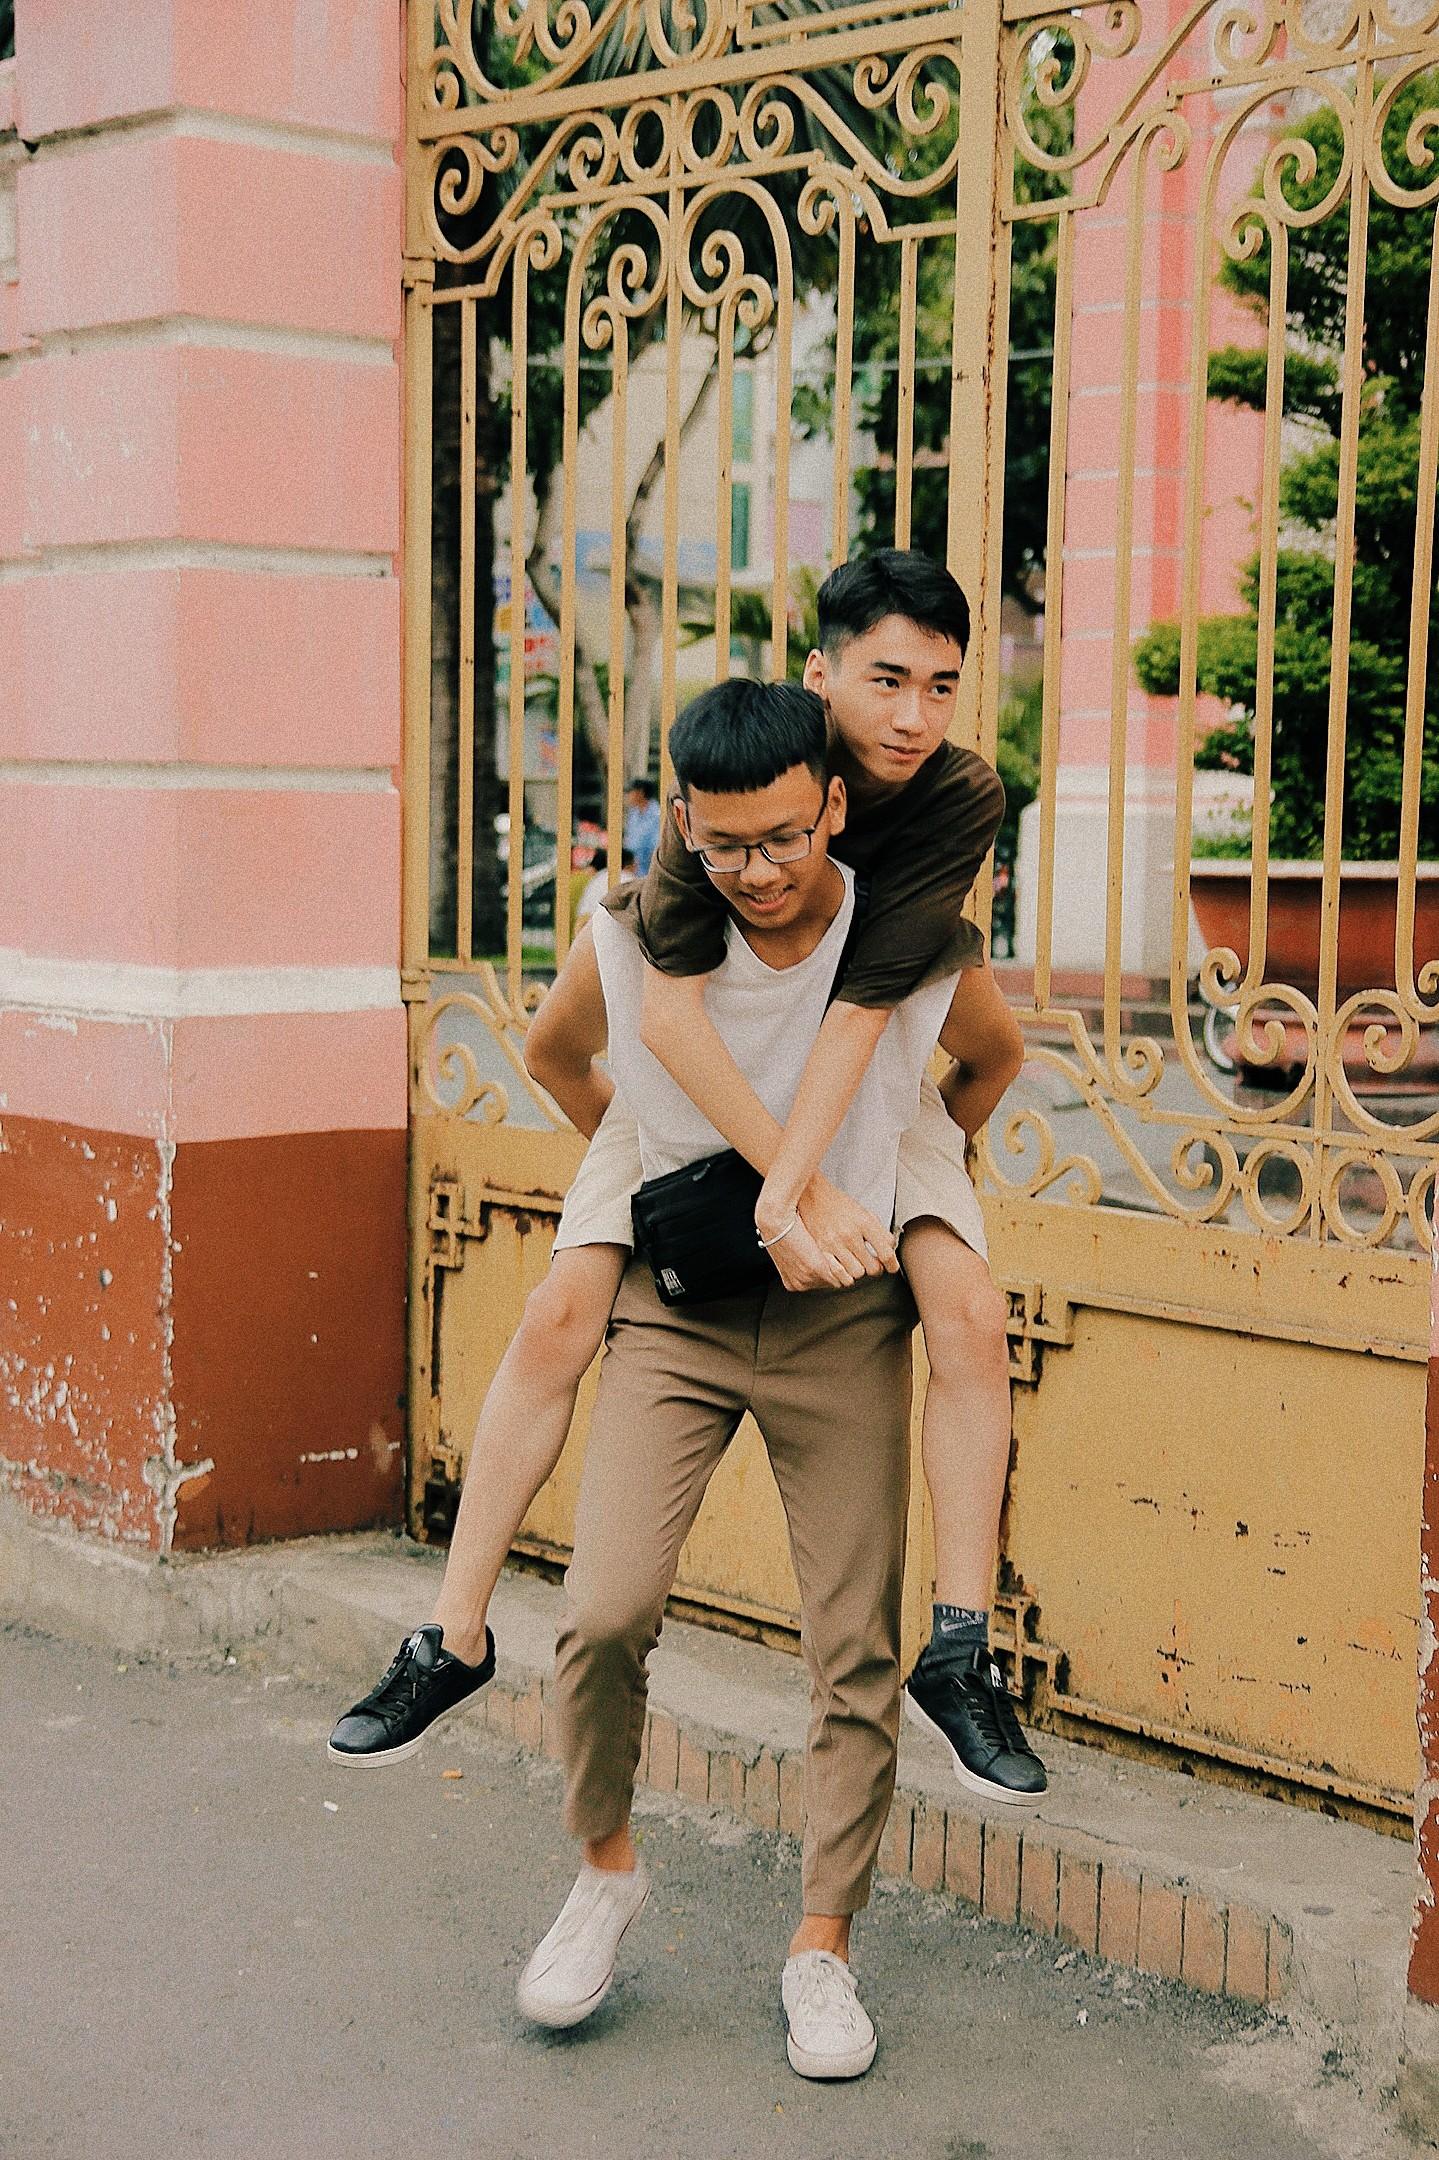 Bộ ảnh rất tình của cặp LGBT điển trai khiến cộng đồng mạng thổn thức - Ảnh 4.